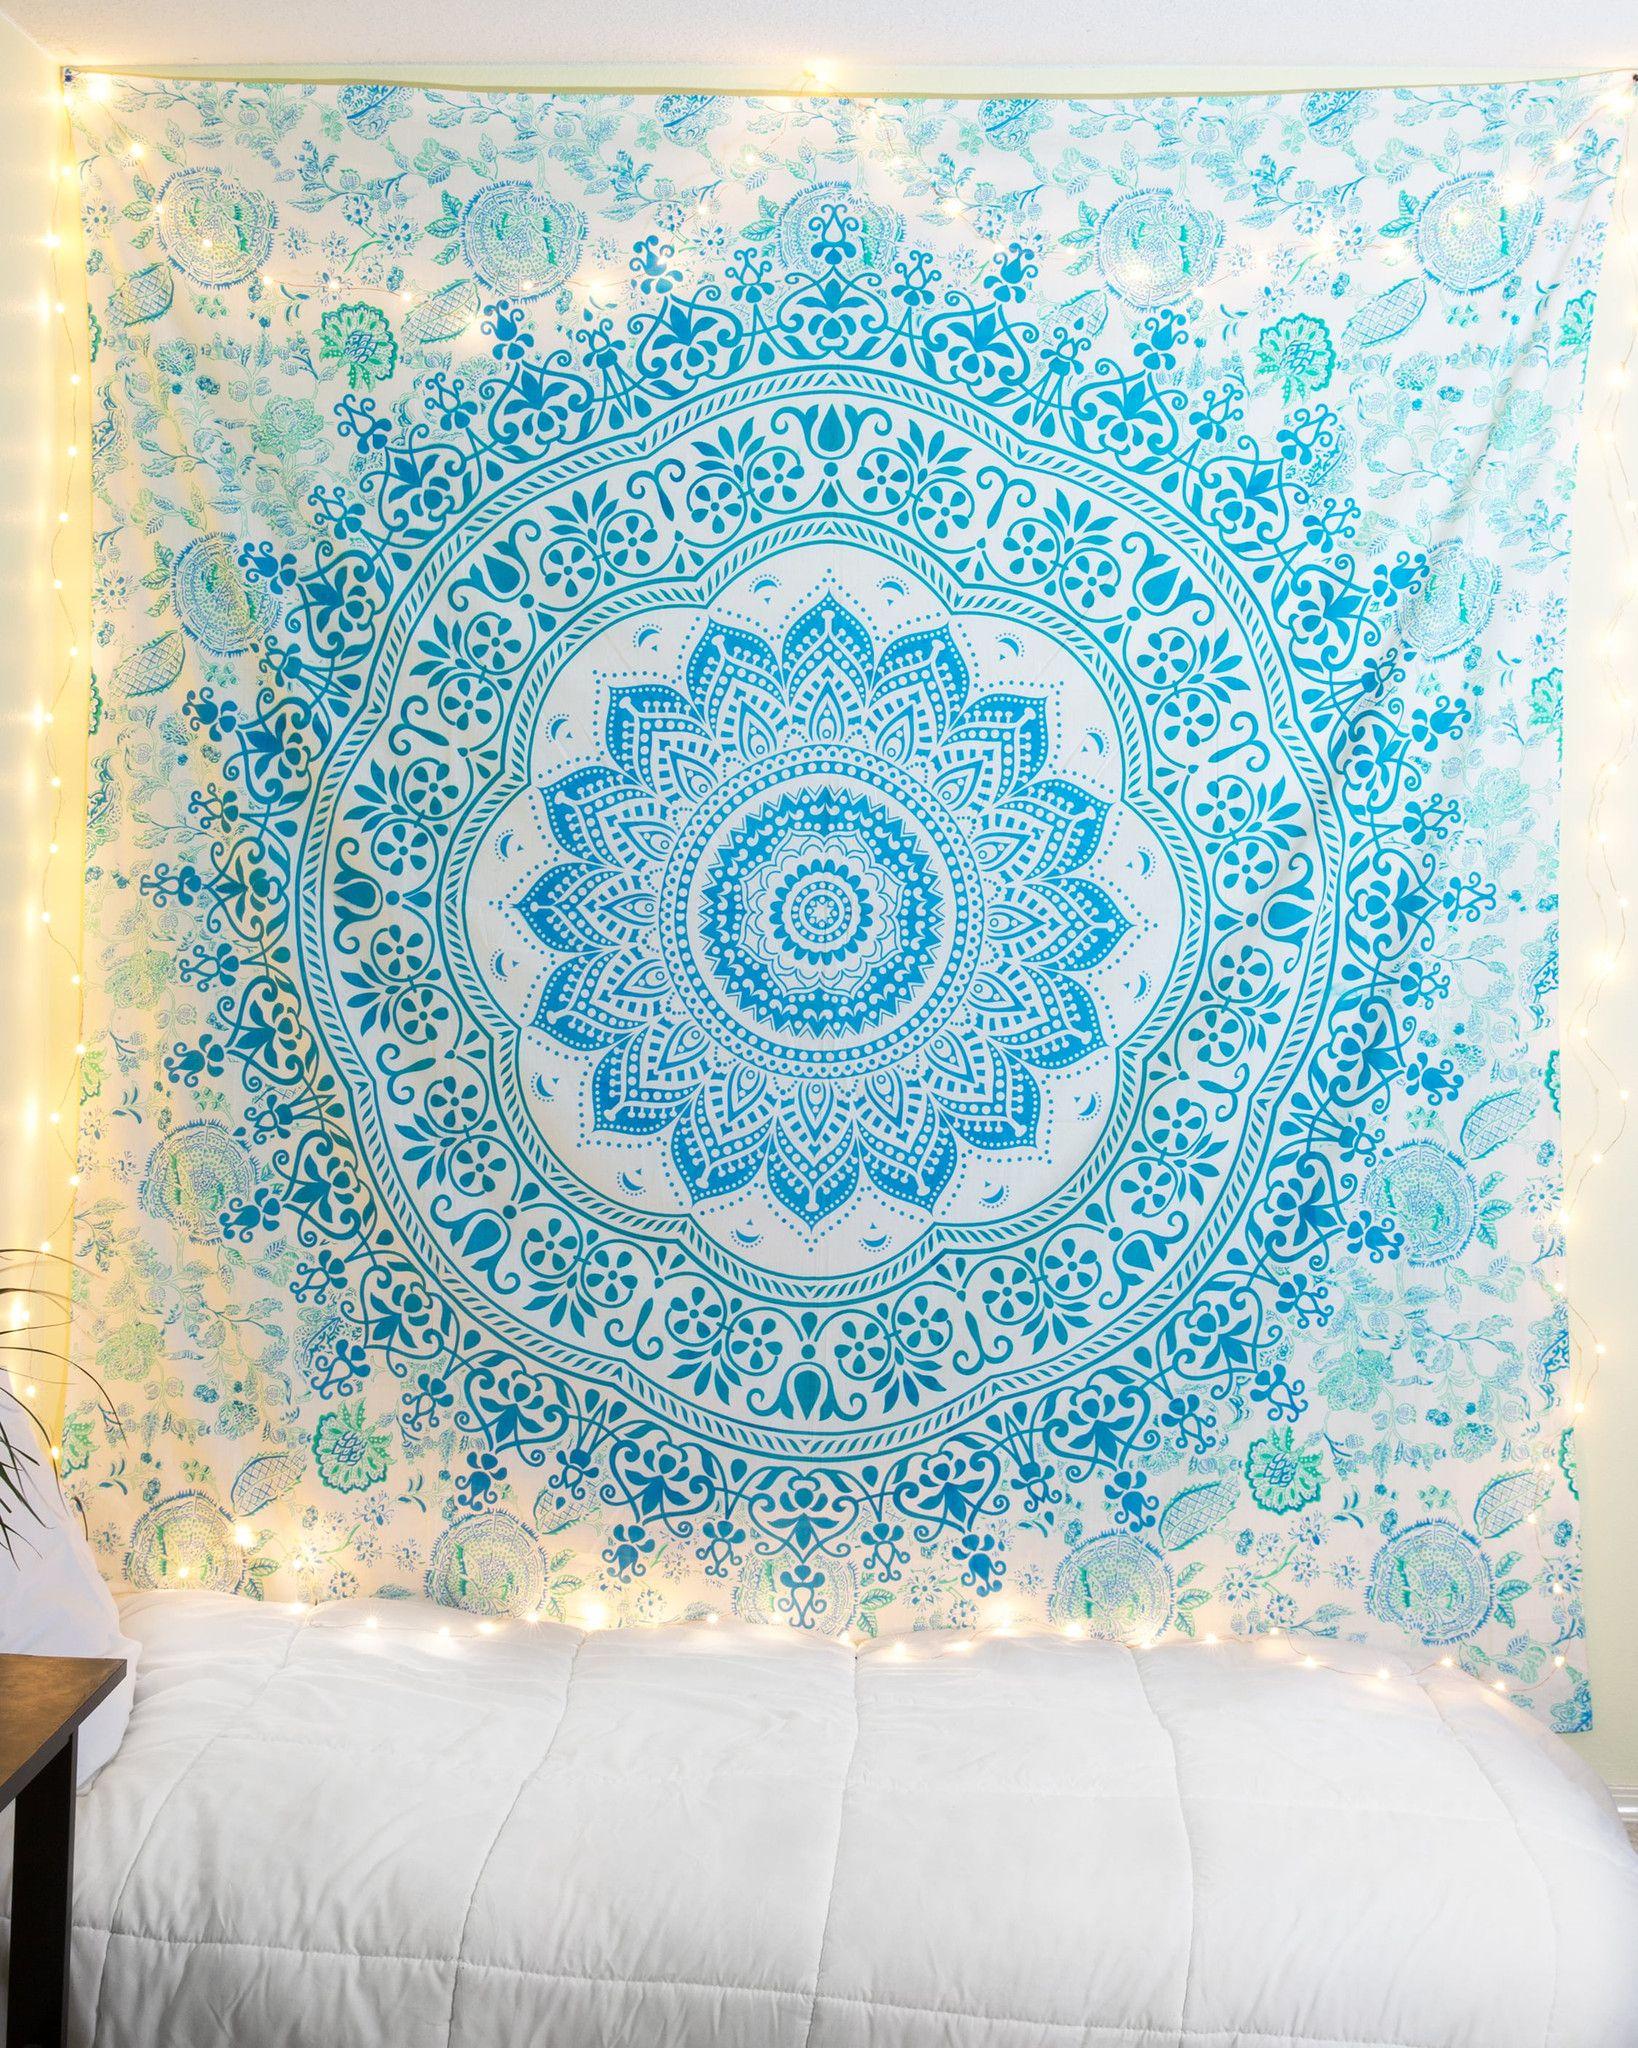 Blue Green Watercolor Mandala Tapestry Tapetes E Quartos ~ Papel De Parede Hippie Para Quarto